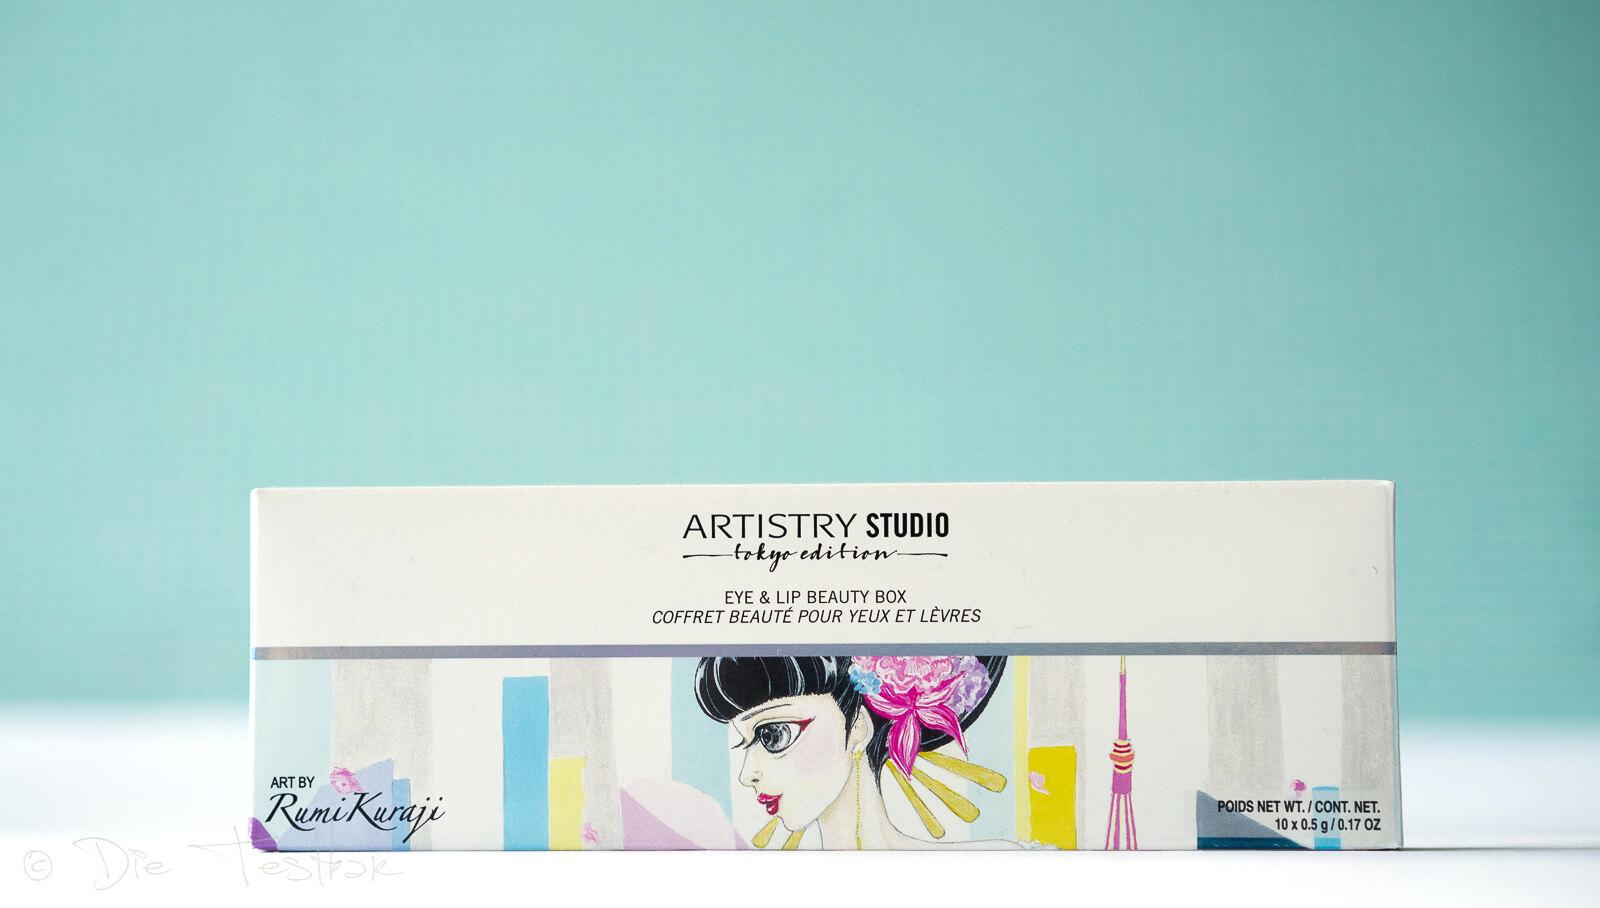 ARTISTRY STUDIO™ - Neue dekorative Kosmetik aus der Tokyo Edition